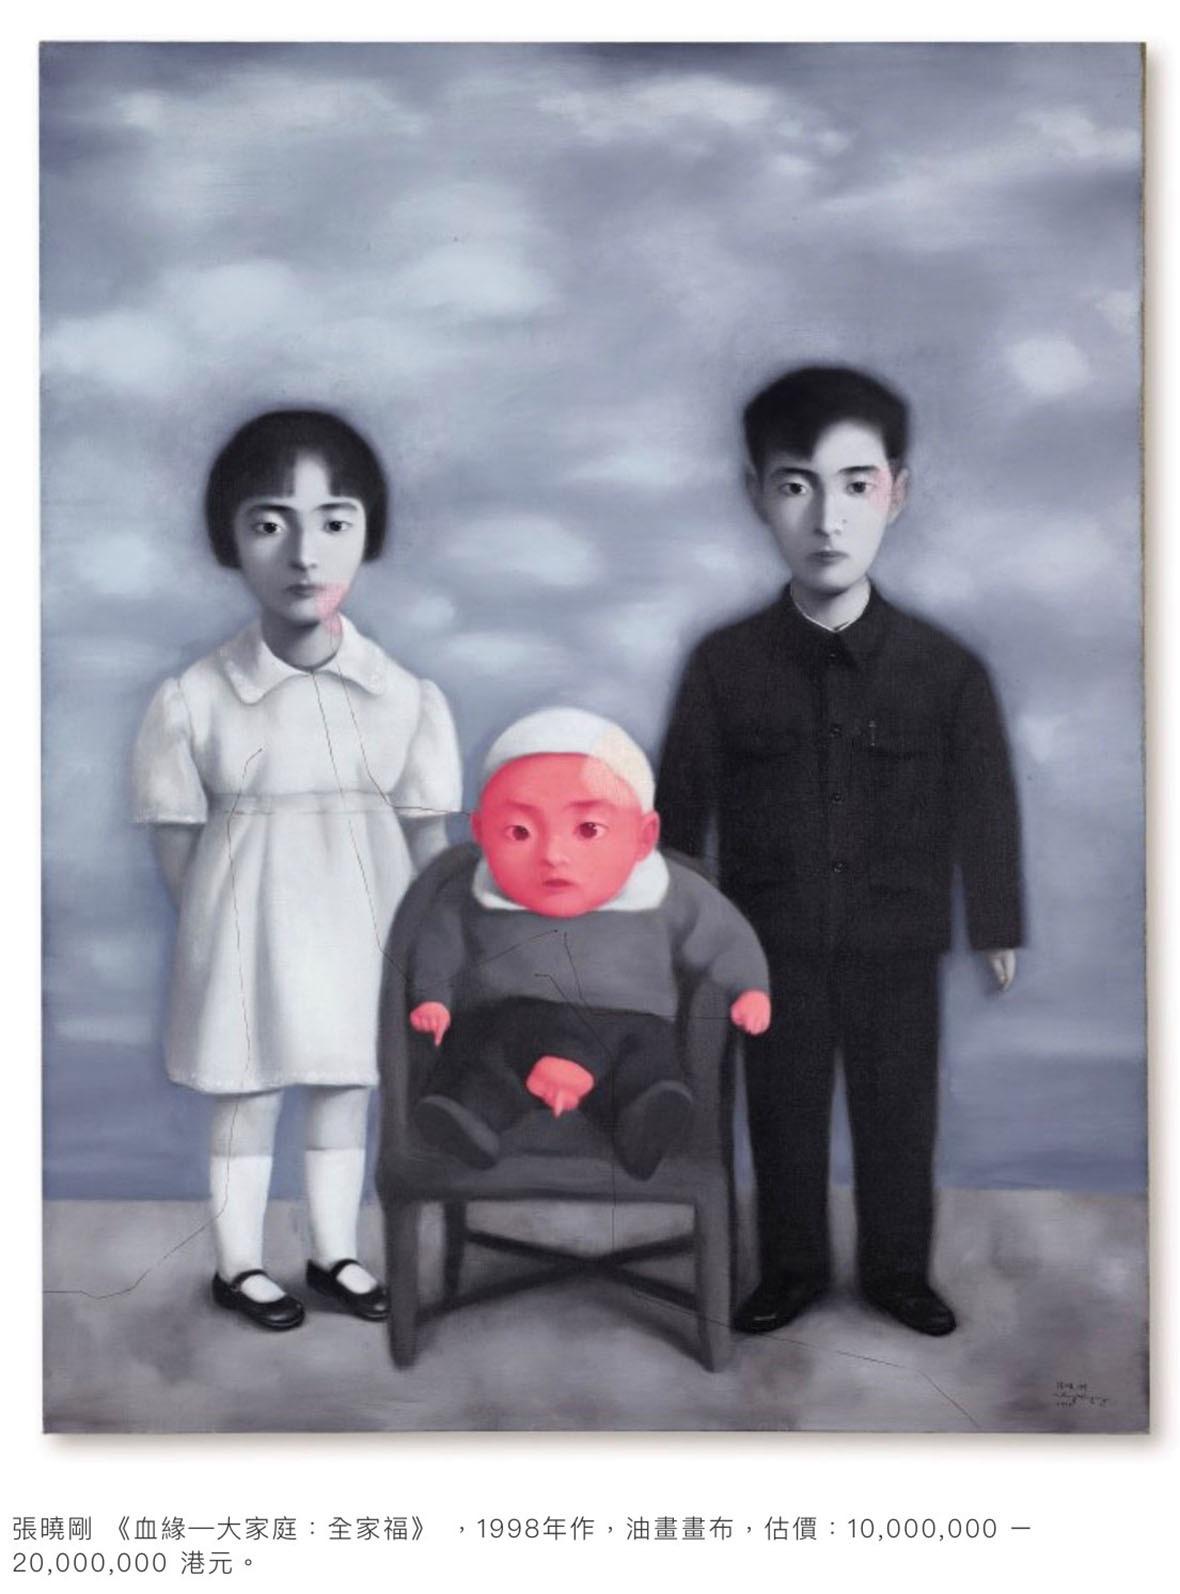 出自張曉剛筆下極具標誌性的《血緣》系列之巔峰時期,罕有地以人物全身構圖。張曉剛的劃時代《血緣》系列深蘊中國文化的家庭觀念,在複雜的當代中國身份建構下,探討記憶、主觀性、家族聯繫等概念。(網上圖片)